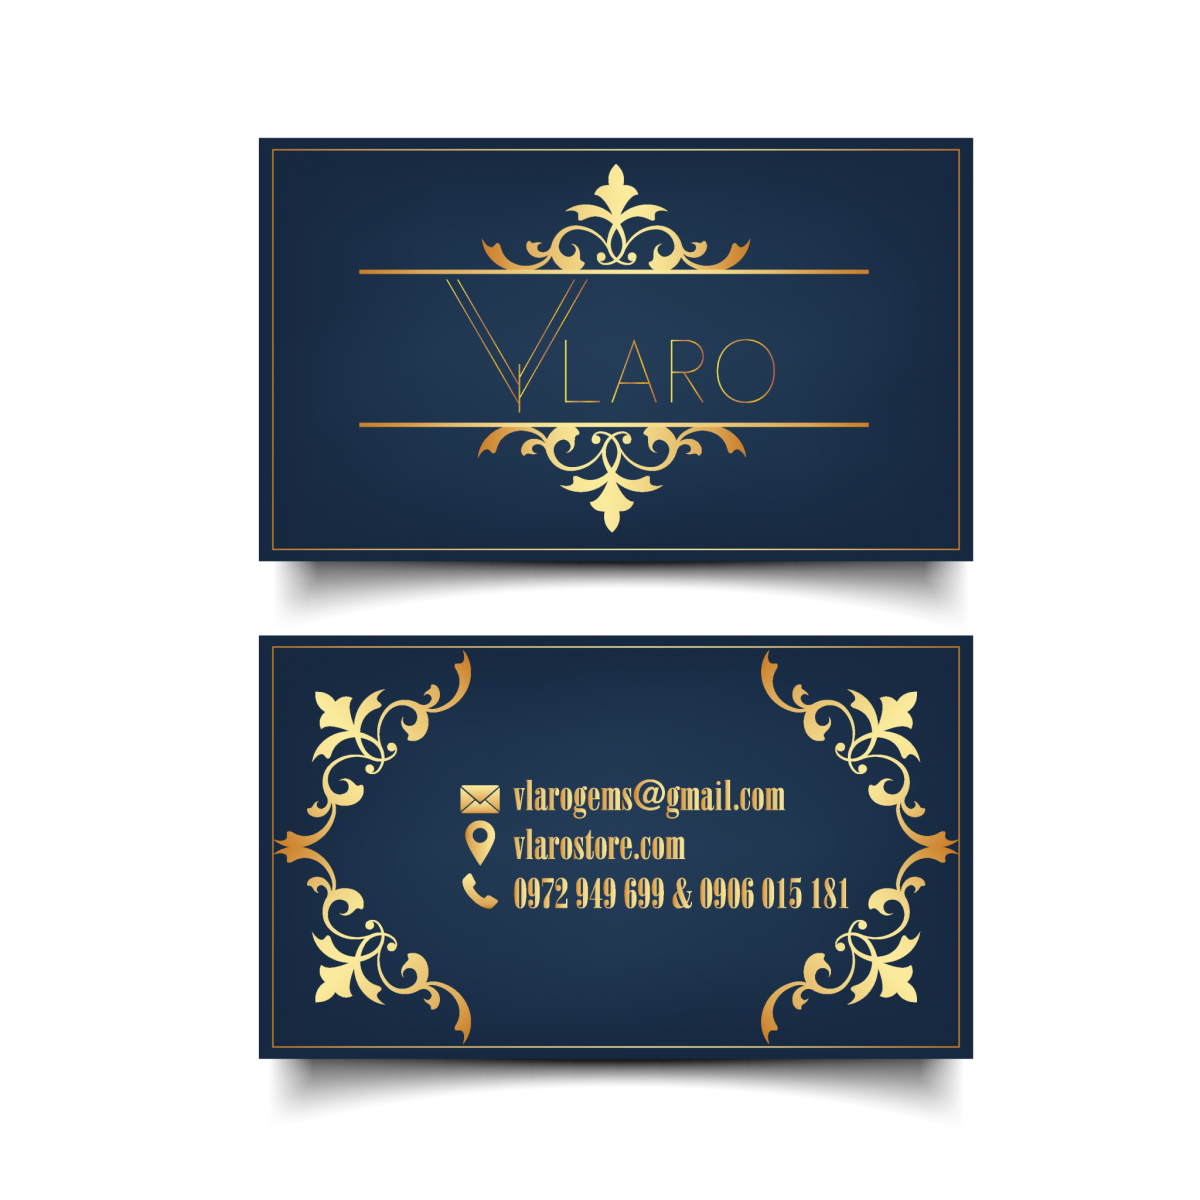 Thiết kế card visit ấn tượng giúp nâng tầm doanh nghiệp.